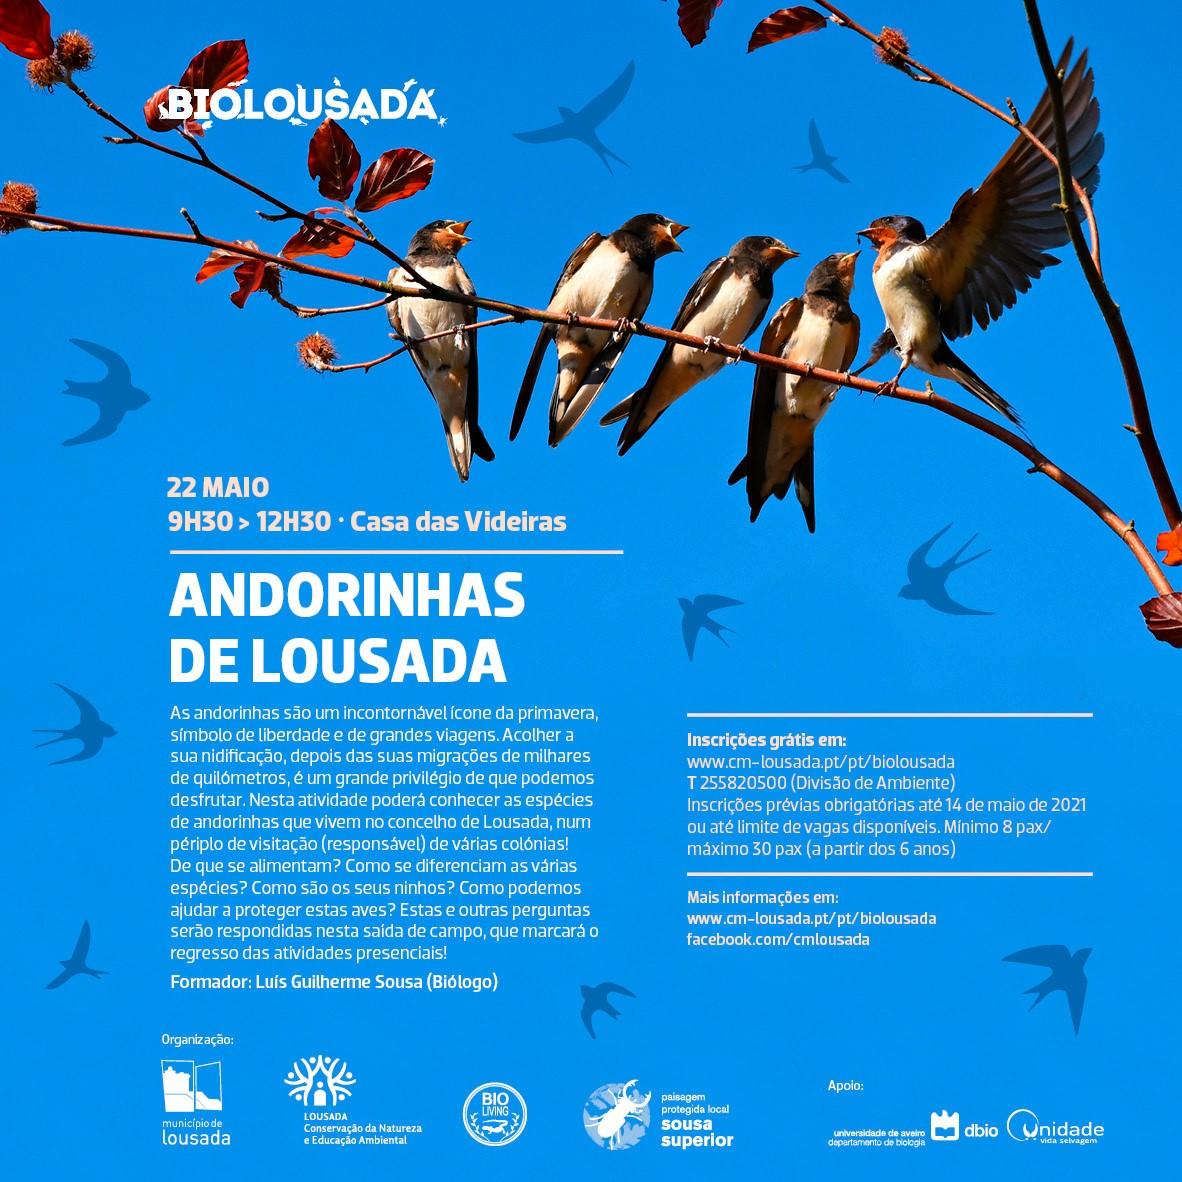 BioLousada: Andorinhas de Lousada